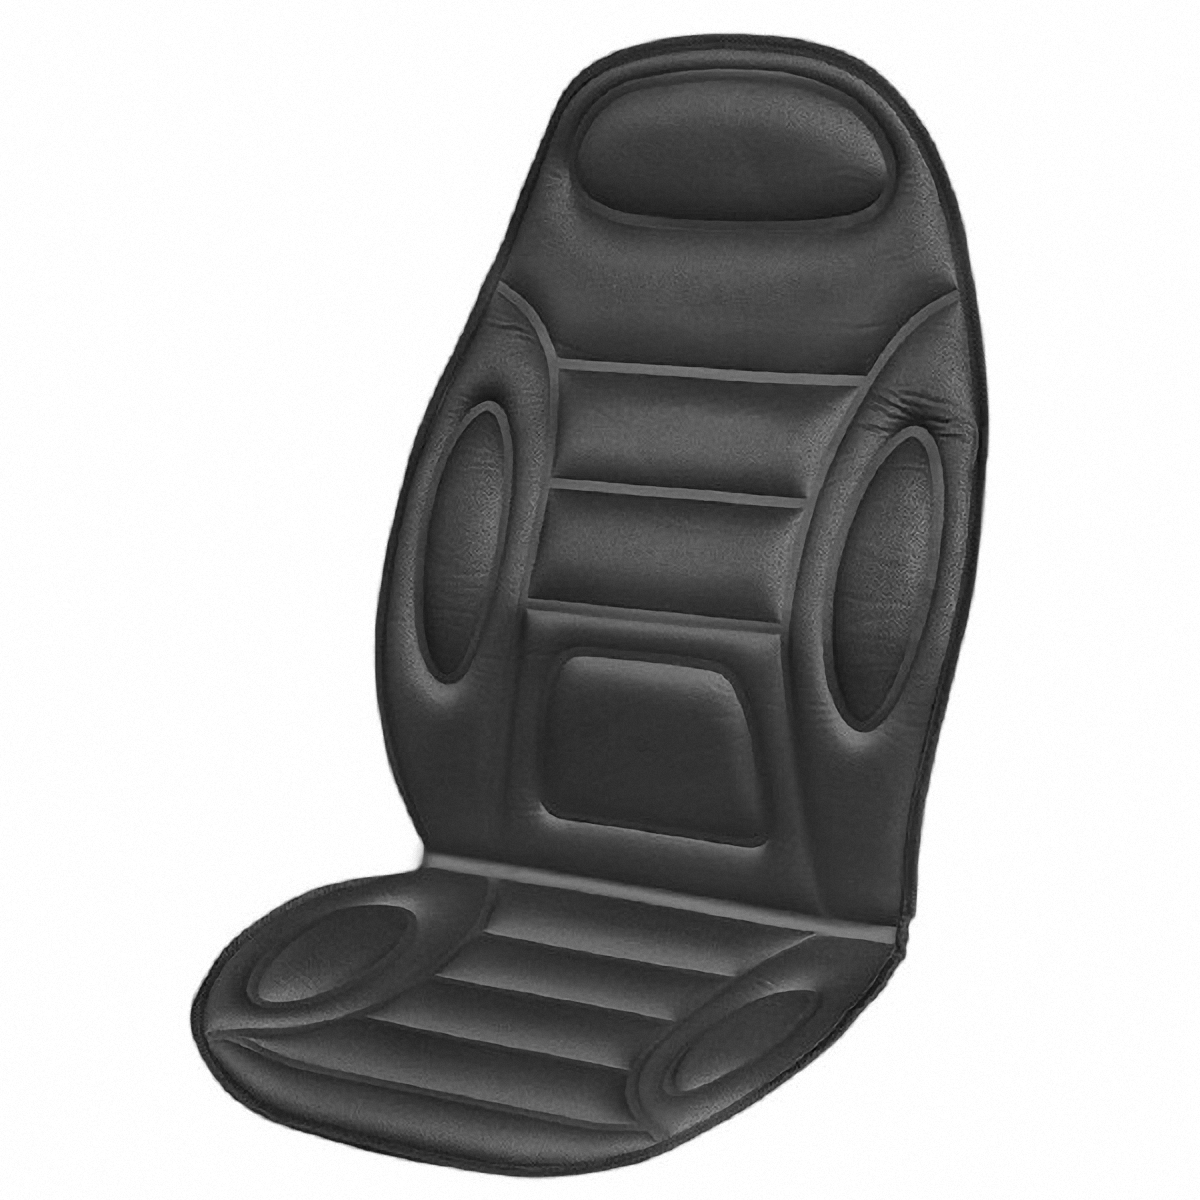 Подогрев для сиденья Skyway, со спинкой, цвет: черный, 120 х 51 смS02201022В подогреве для сиденья Skyway в качестве теплоносителя применяется углеродный материал. Такой нагреватель обладает феноменальной гибкостью и прочностью на разрыв в отличие от аналогов, изготовленных из медного или иного металлического провода.Особенности:- Универсальный размер.- Снижает усталость при управлении автомобилем.- Обеспечивает комфортное вождение в холодное время года.- Простая и быстрая установка.- Умеренный и интенсивный режим нагрева.- Терморегулятор для изменения интенсивности нагрева.- Защита крепления шнура питания к подогреву.Устройство подключается к прикуривателю на 12Вbr>Сила тока: 4-4,5 А.Напряжение: 12В.Мощность: 48-54 Ватт.